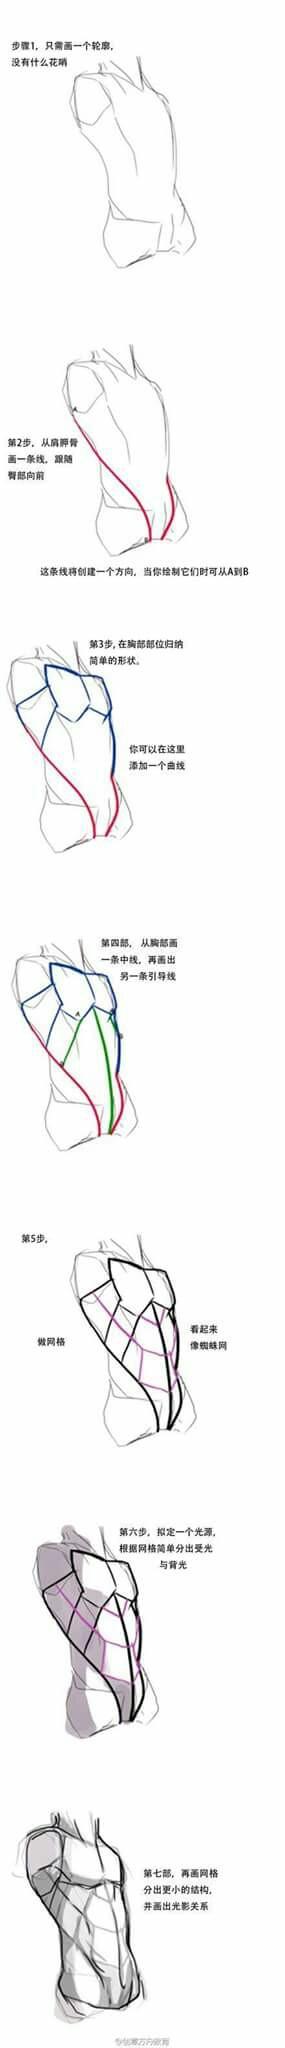 Pin von Mark Sporleder auf anatomy reference | Pinterest